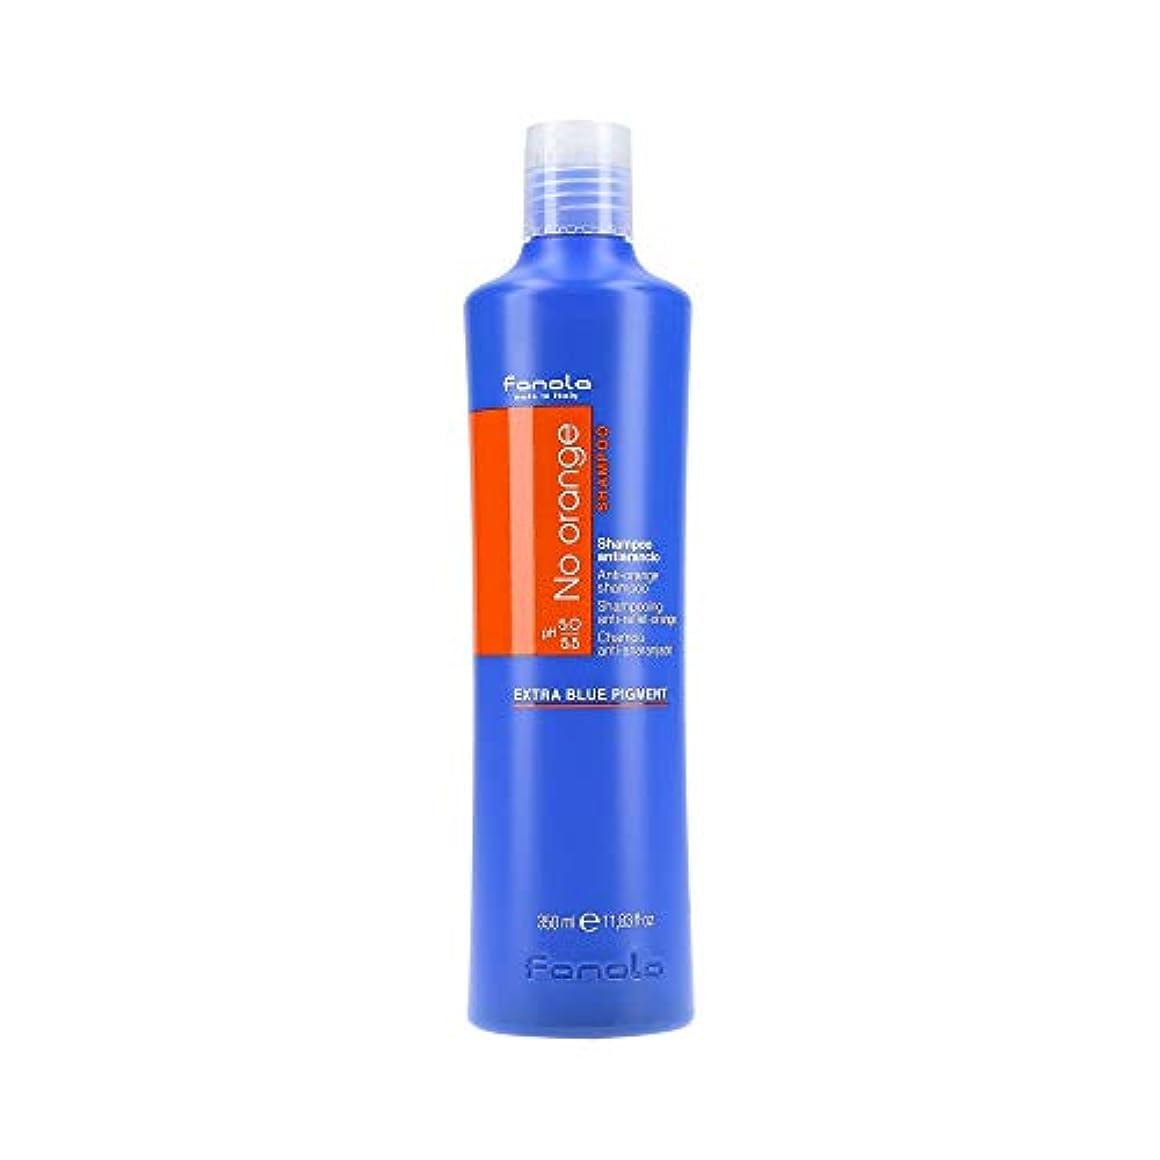 最も支店祖先ファノラ ノー オレンジ シャンプー Fanola No orange Shampoo - Anti-orange Shampoo 350 ml [並行輸入品]